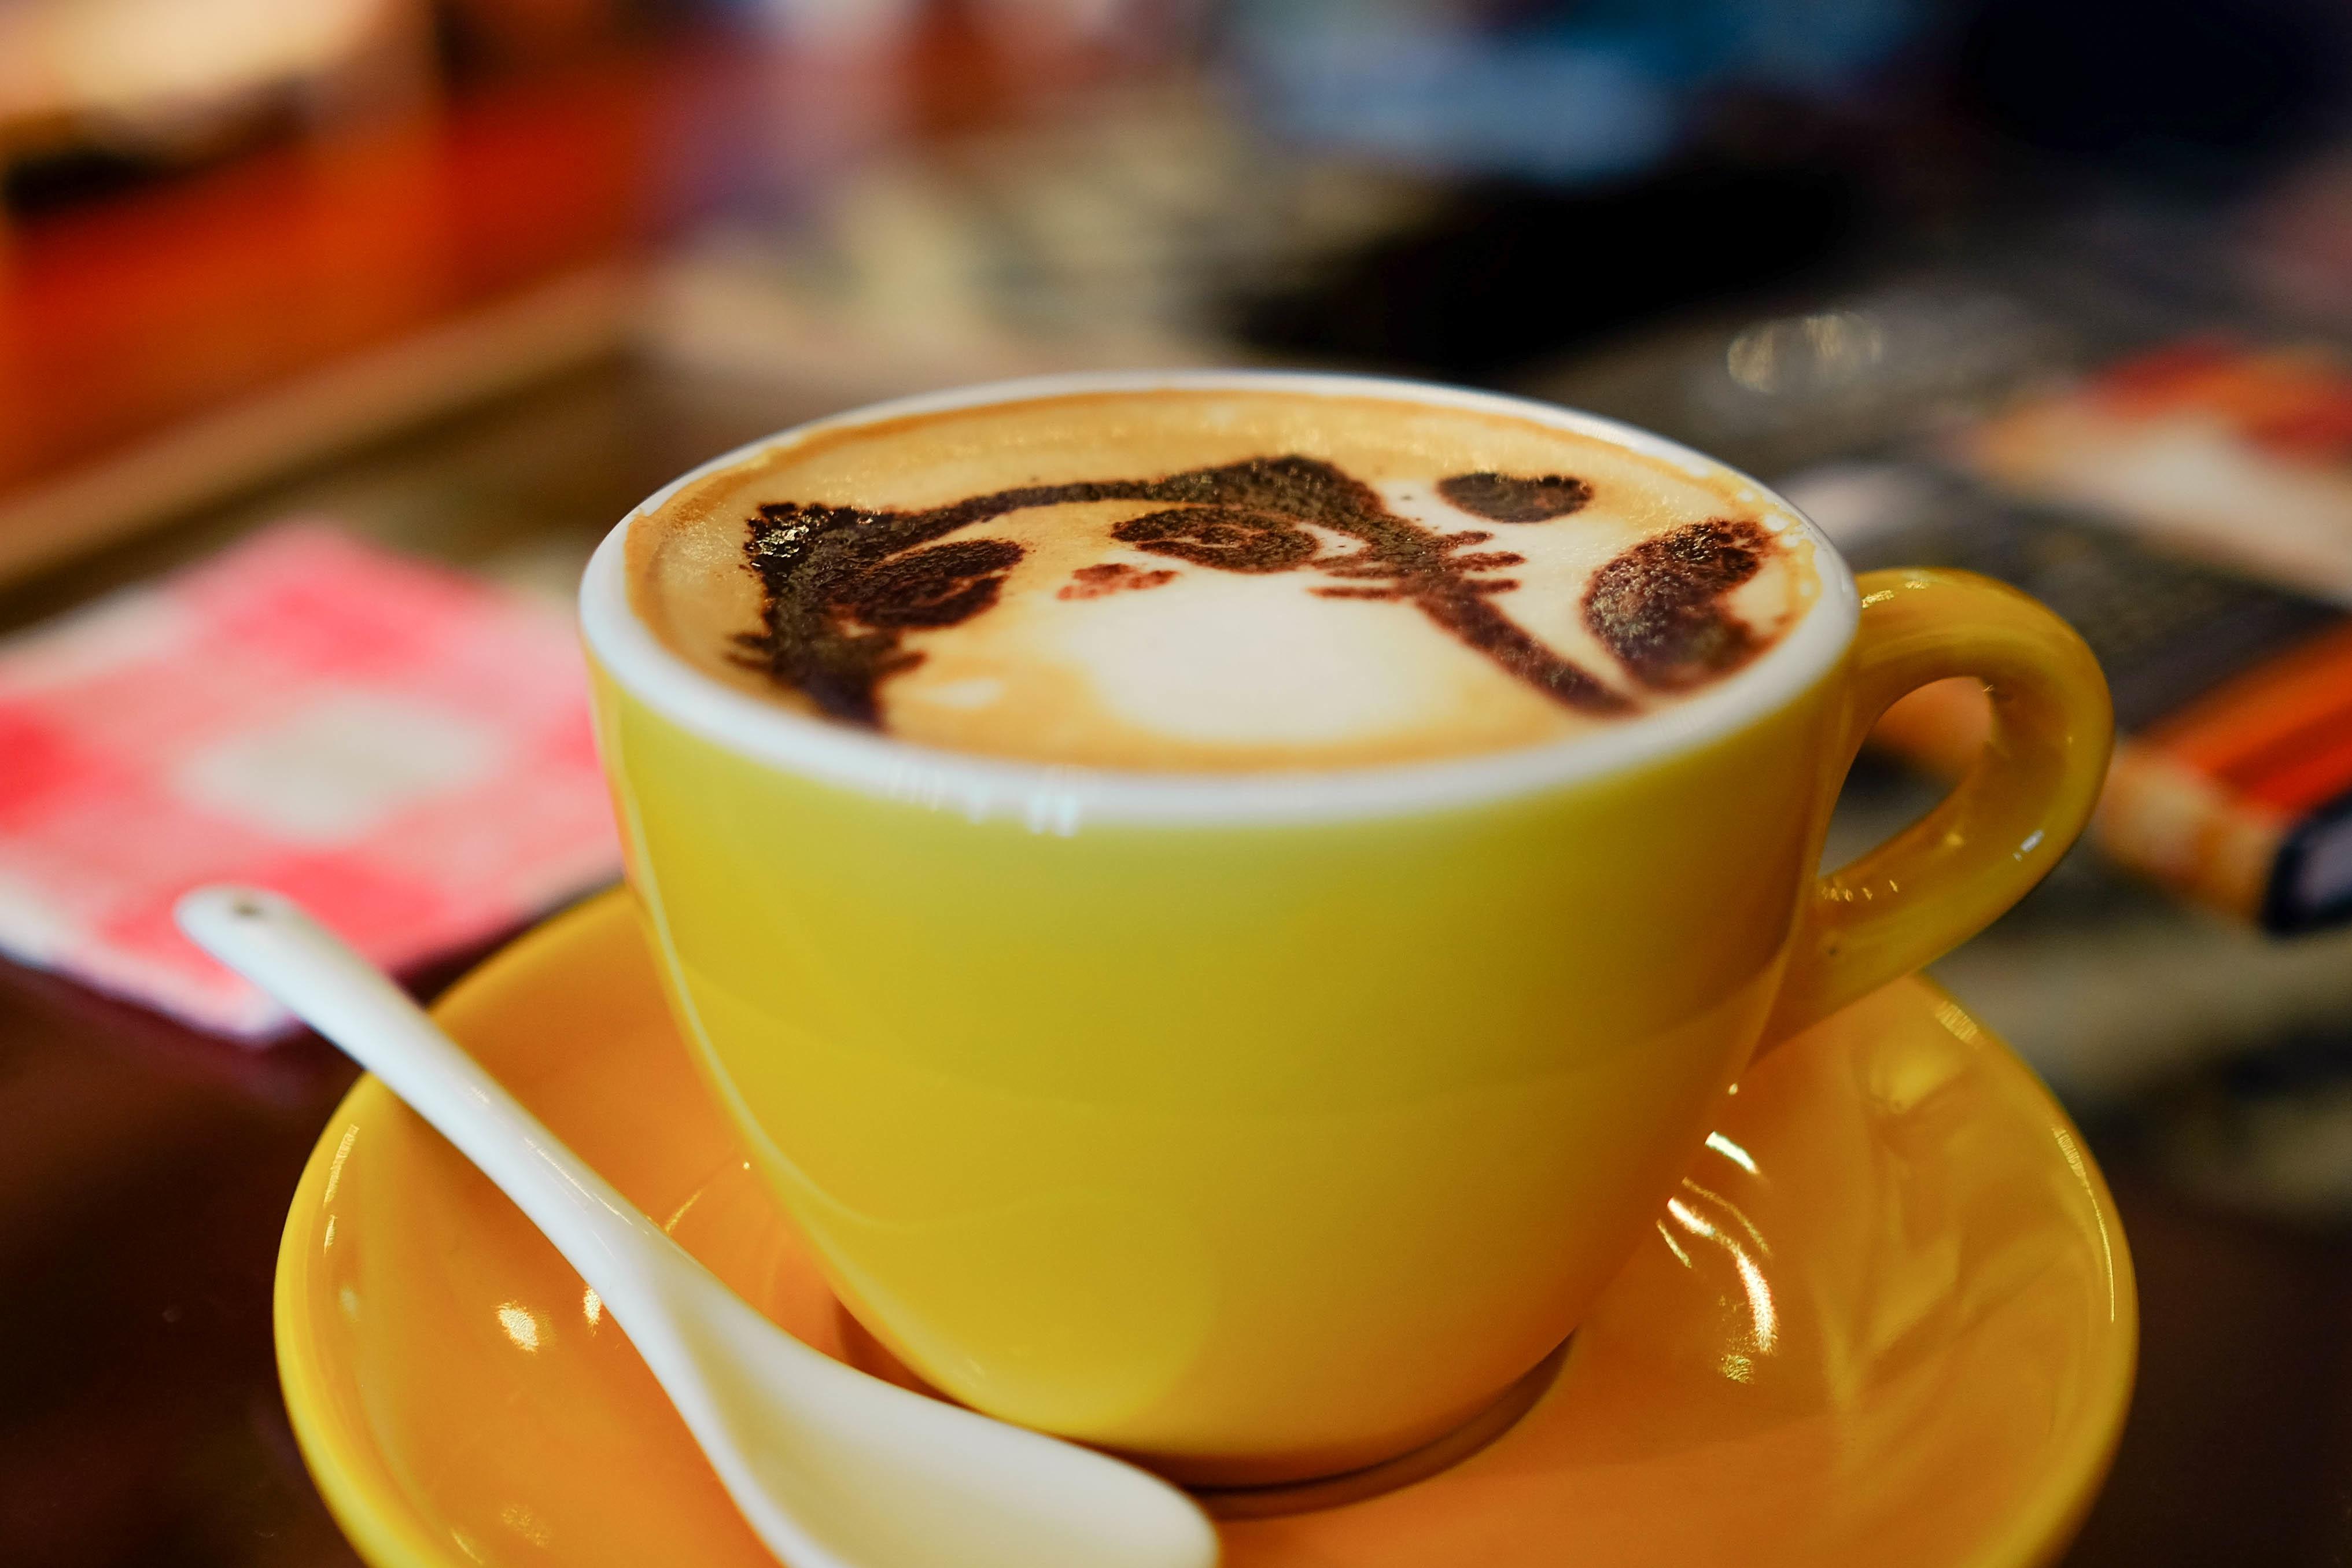 Coffee Cup Latte Food Kitten Drink Espresso Mug Caffeine Flavor Caf Au Lait Caff Macchiato Hong